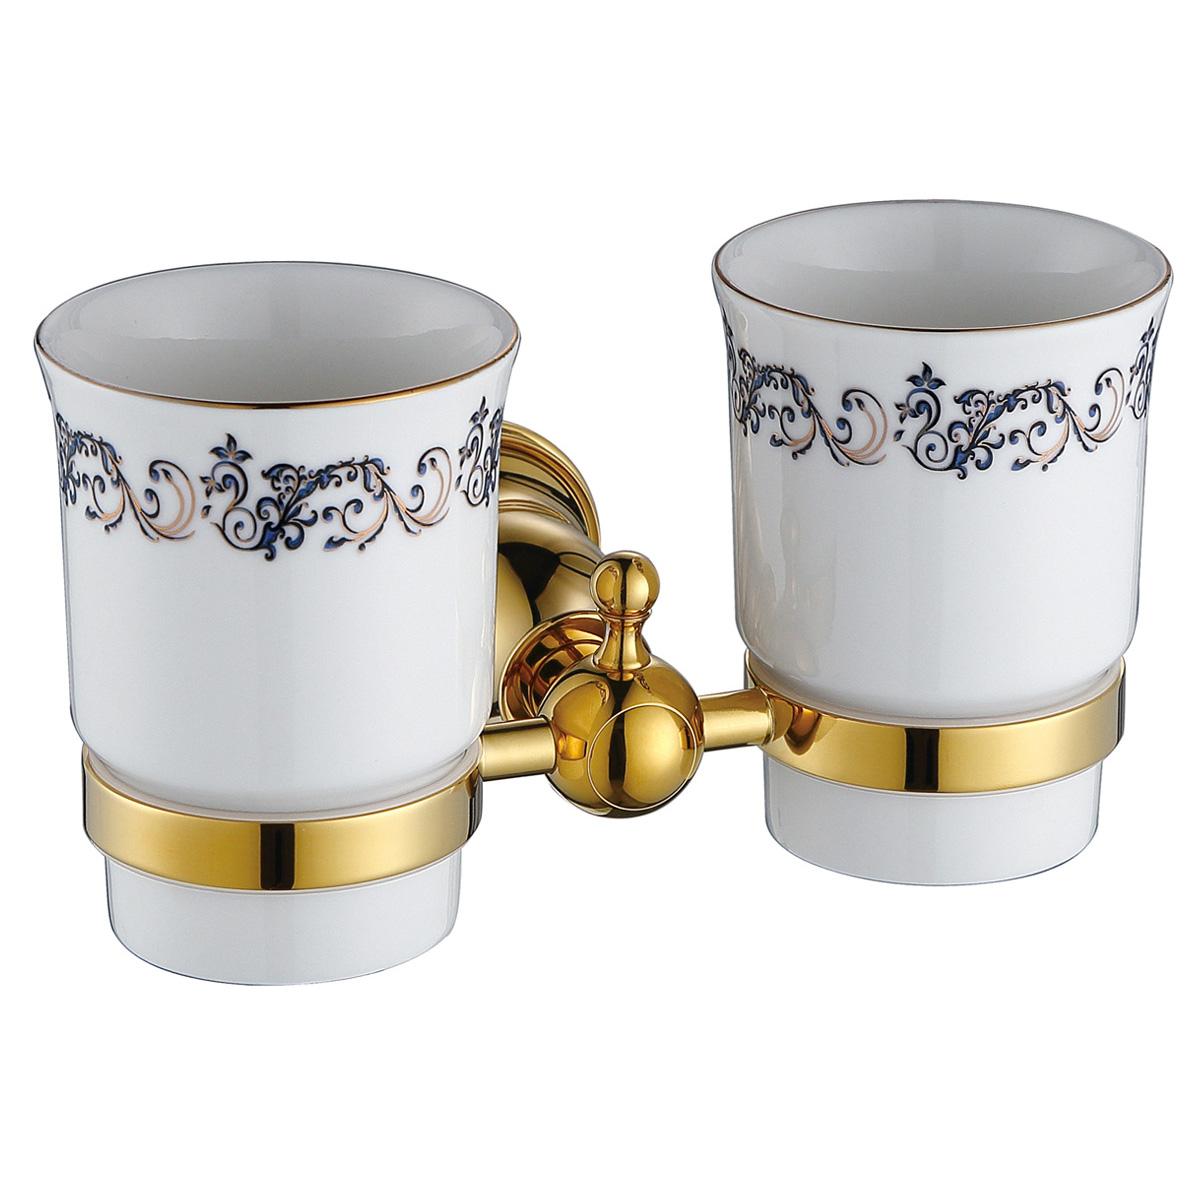 Gobelet Dents Accessoires Pour La Salle De Bain Dor S Or Sanlingo